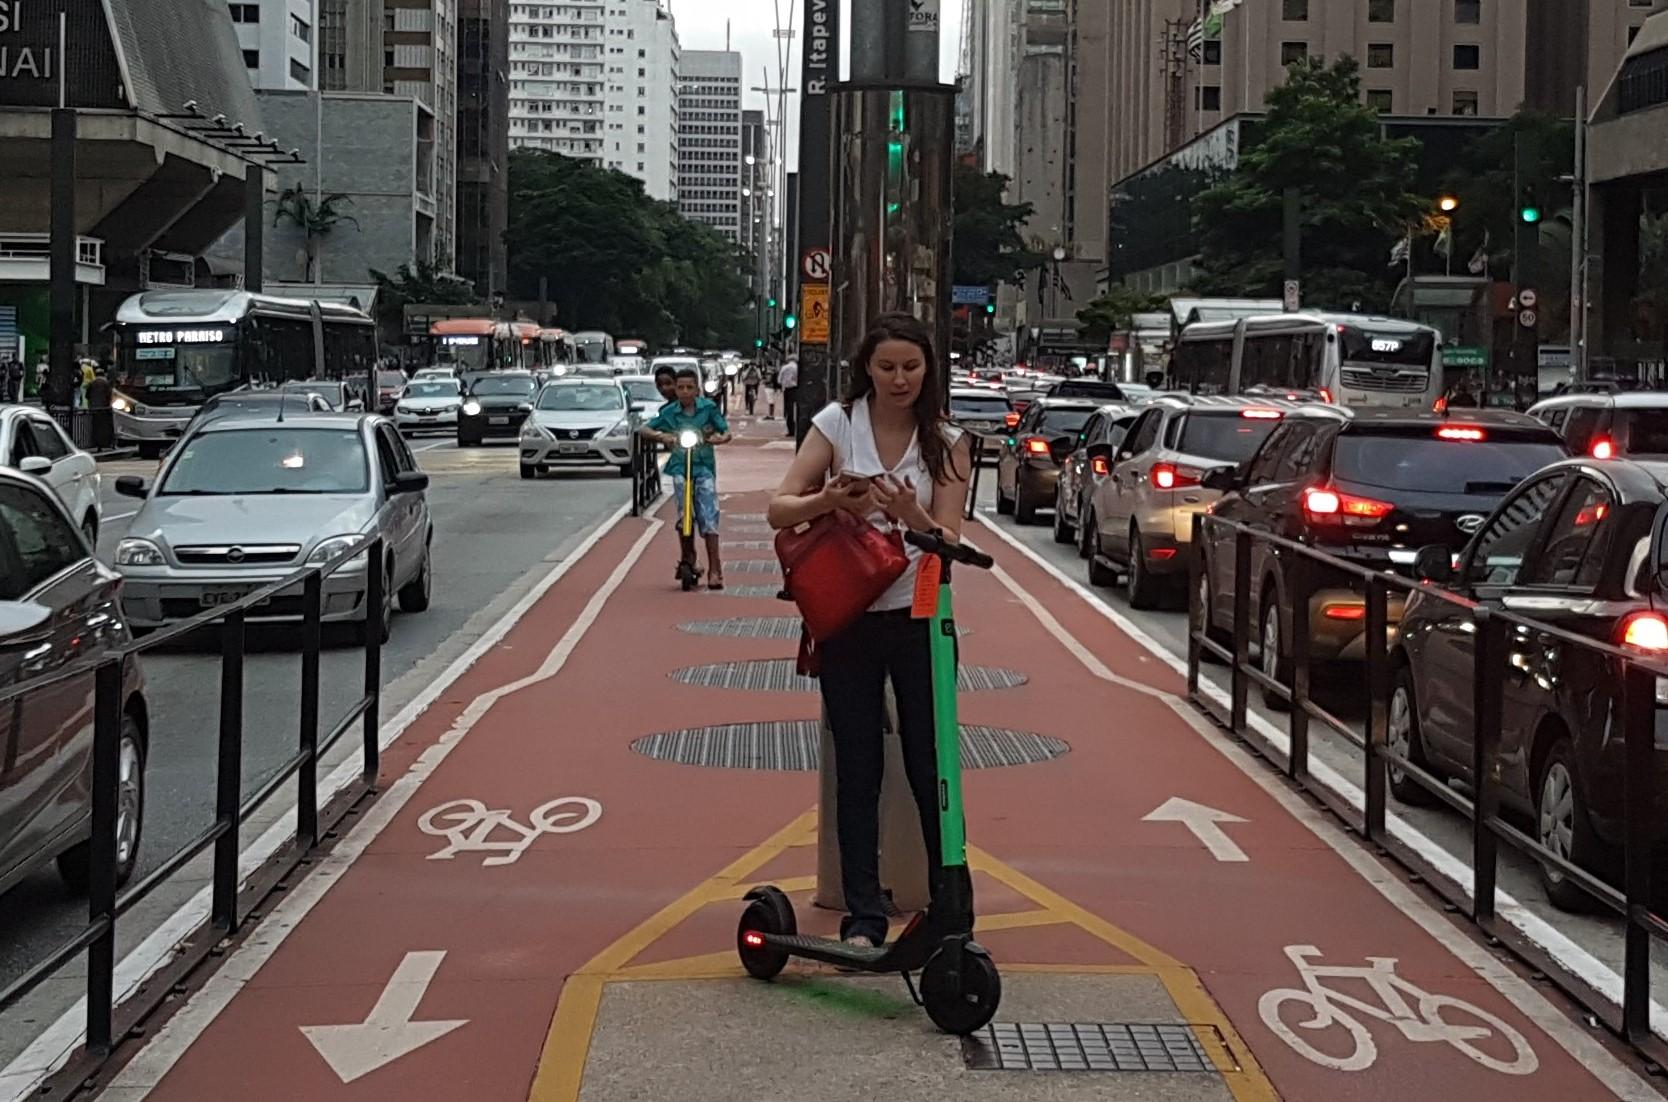 Patinetes na ciclovia da Avenida Paulista: Prefeitura de São Paulo recebeu planos de 11 empresas para operar transporte (Foto: Florência Costa)